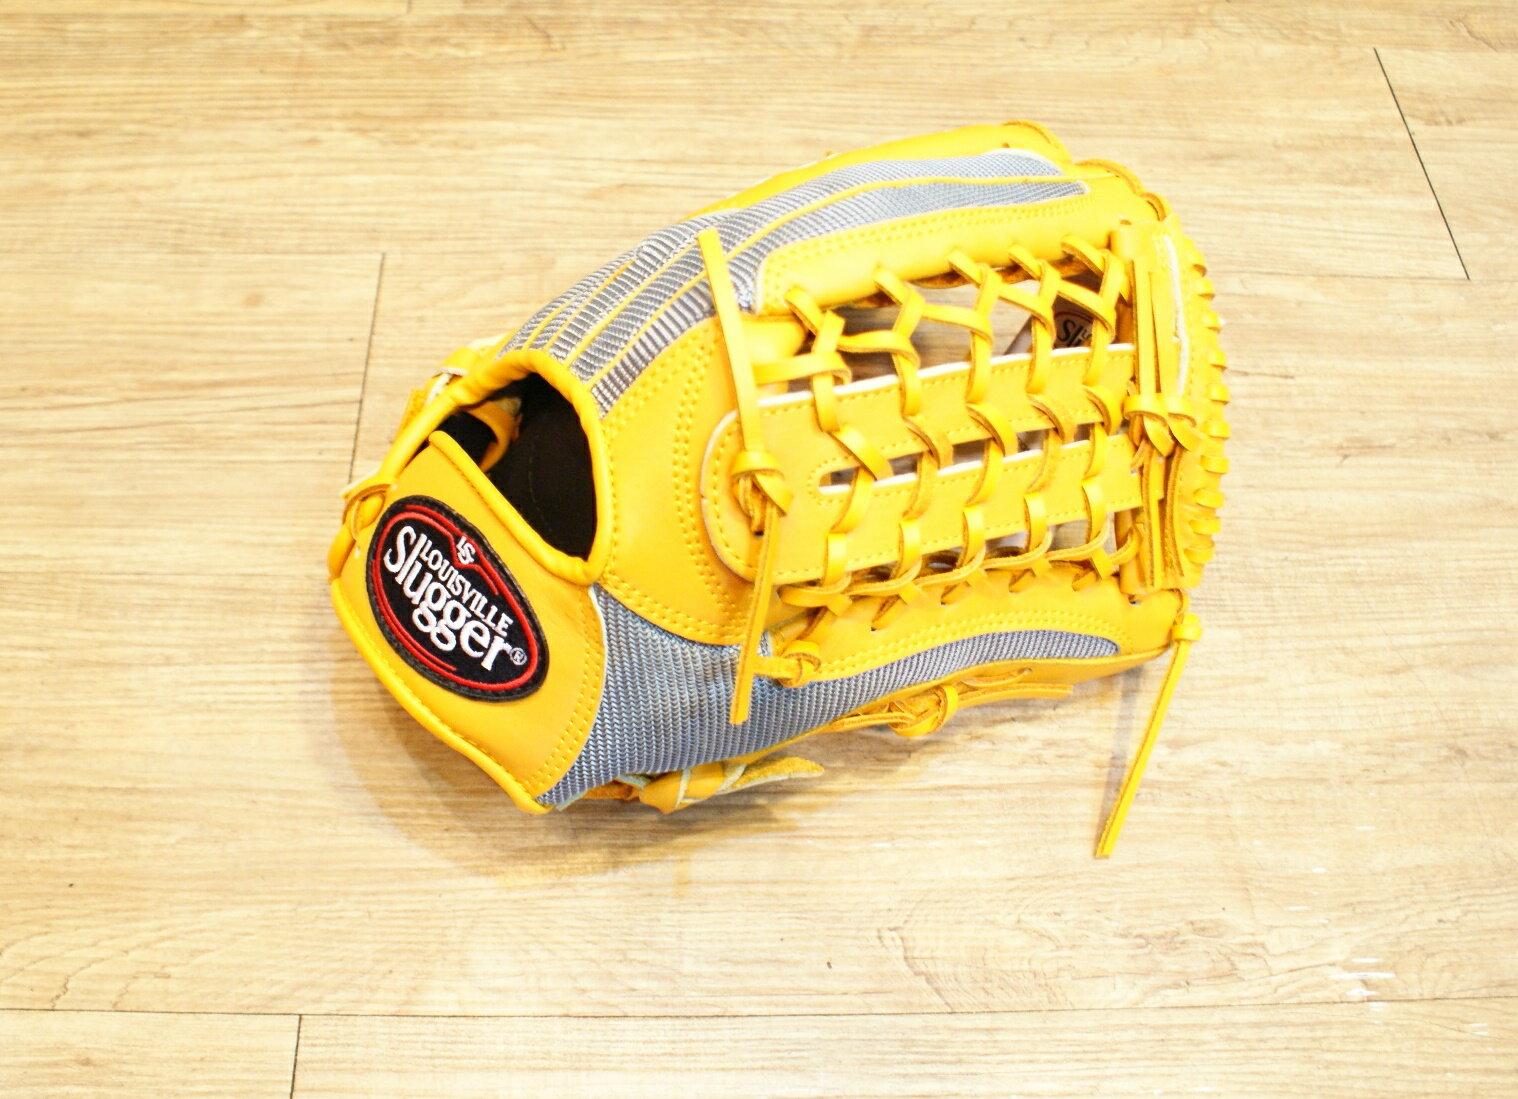 棒球世界 Louisvill Slugger 路易斯威爾TPX 布織布 外野T網棒壘球手套